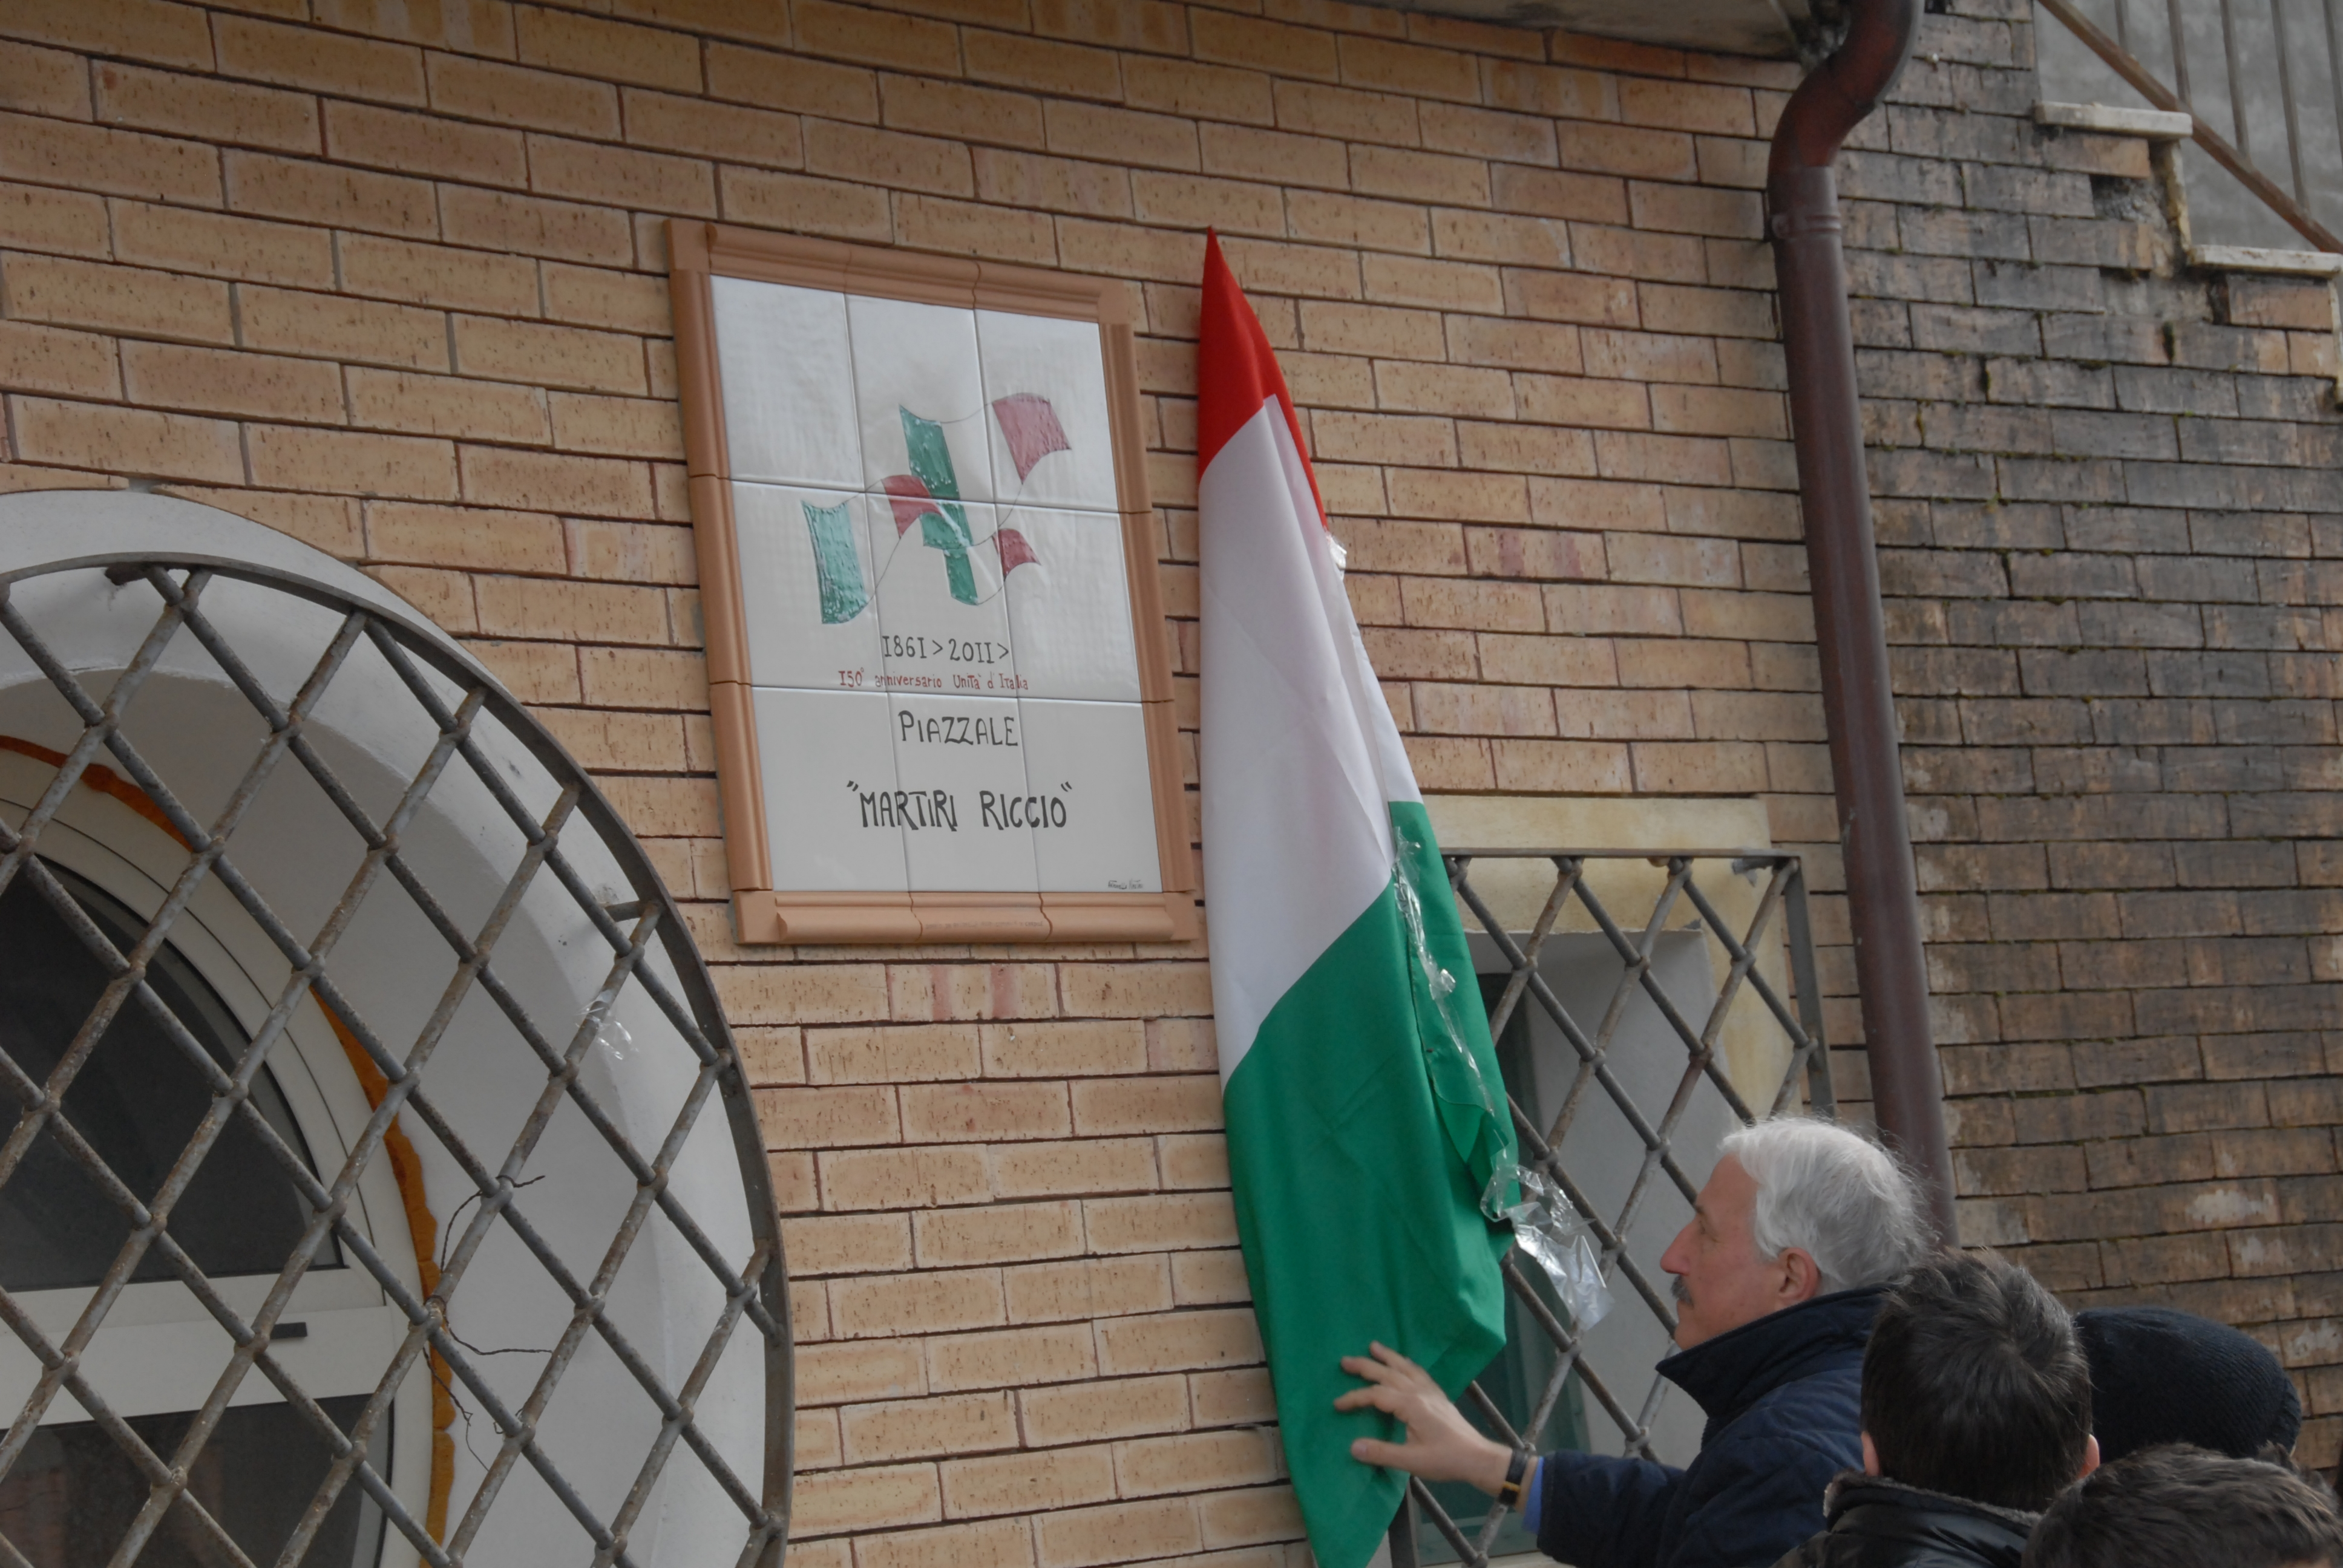 """Intestazione """"Piazzale Martiri Riccio"""""""